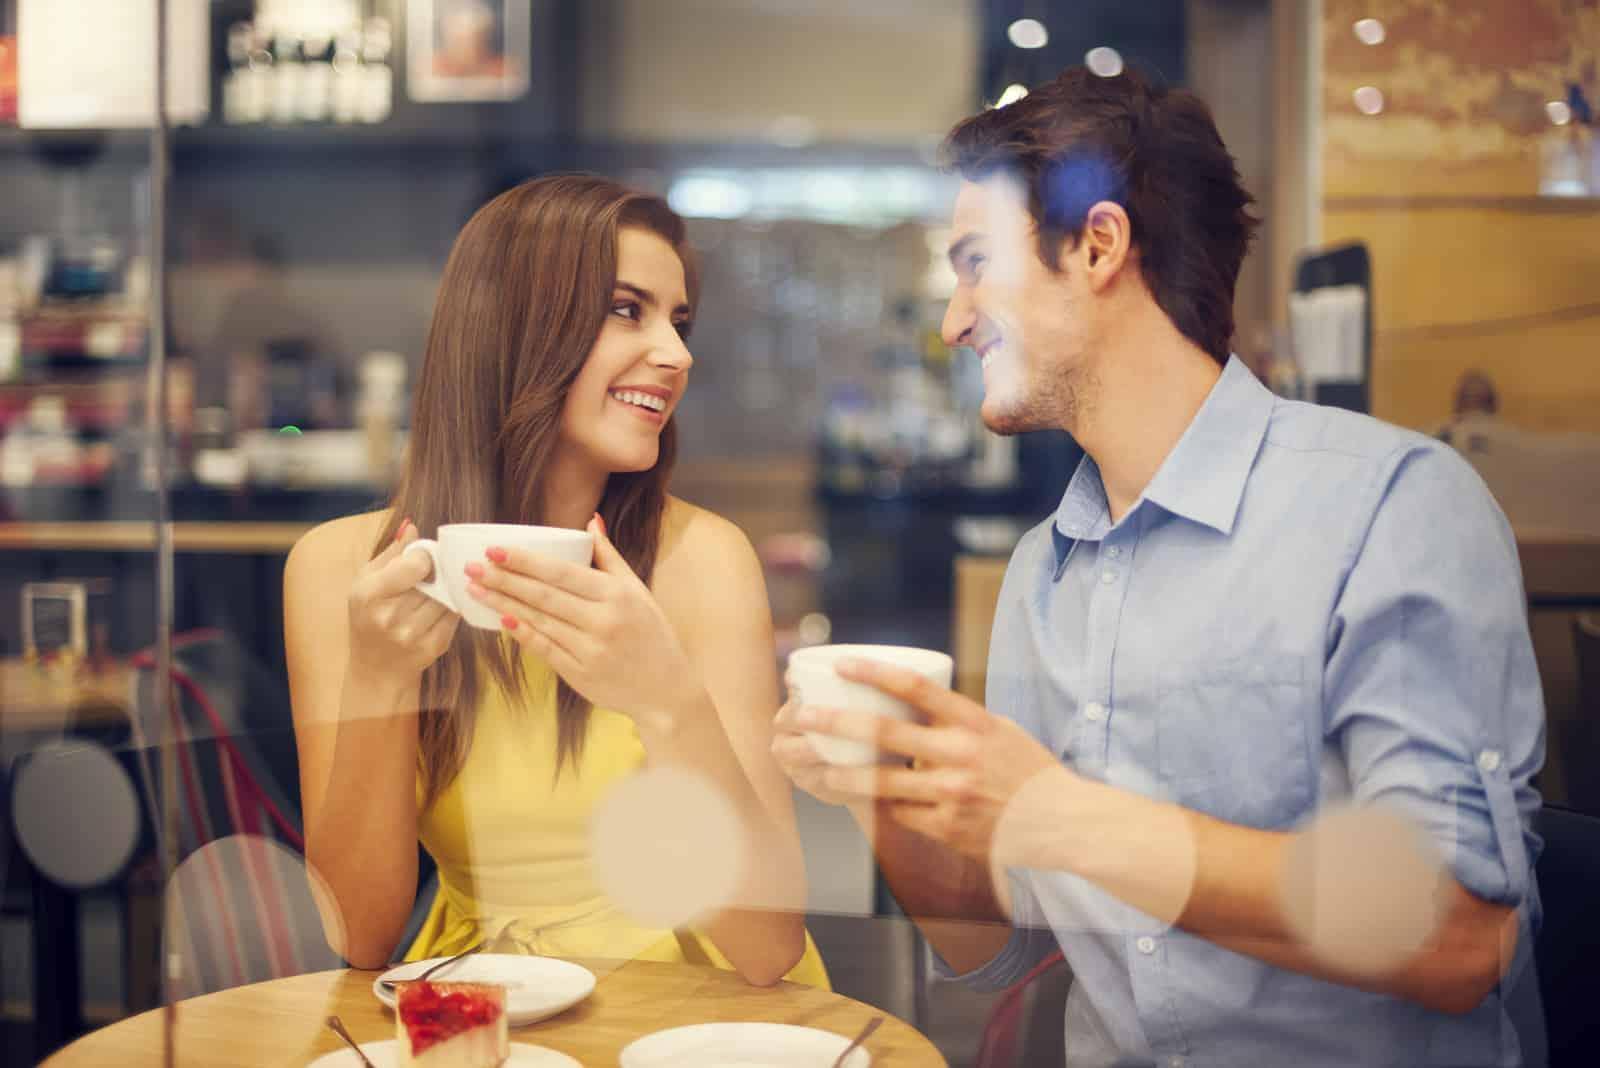 Homme et femme prenant un café assis dans un café.